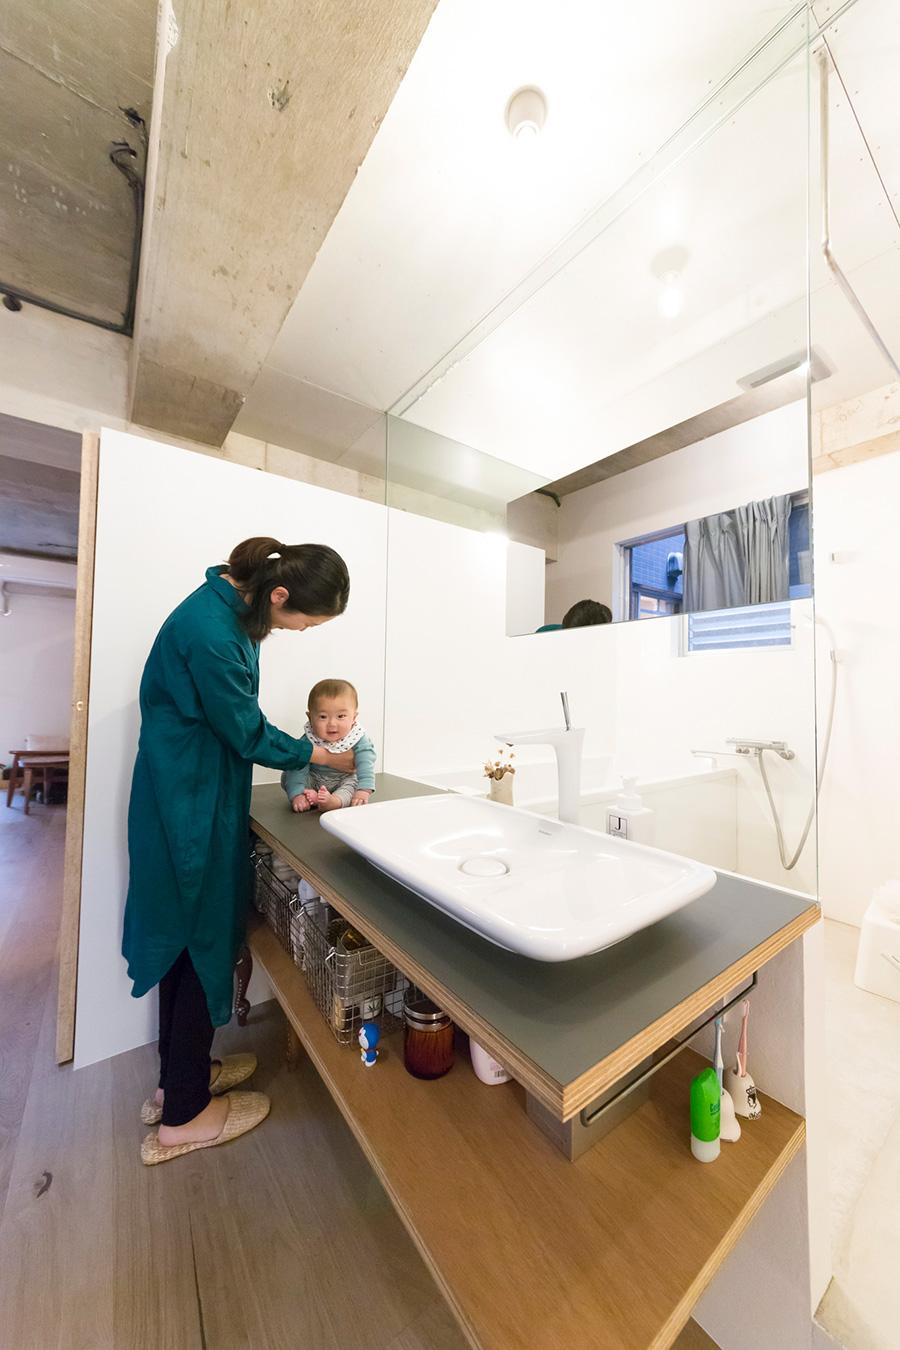 余裕の広さの洗面台にはベビーバスを置いて、ここでお子さんをお風呂に入れてあげられるそう。